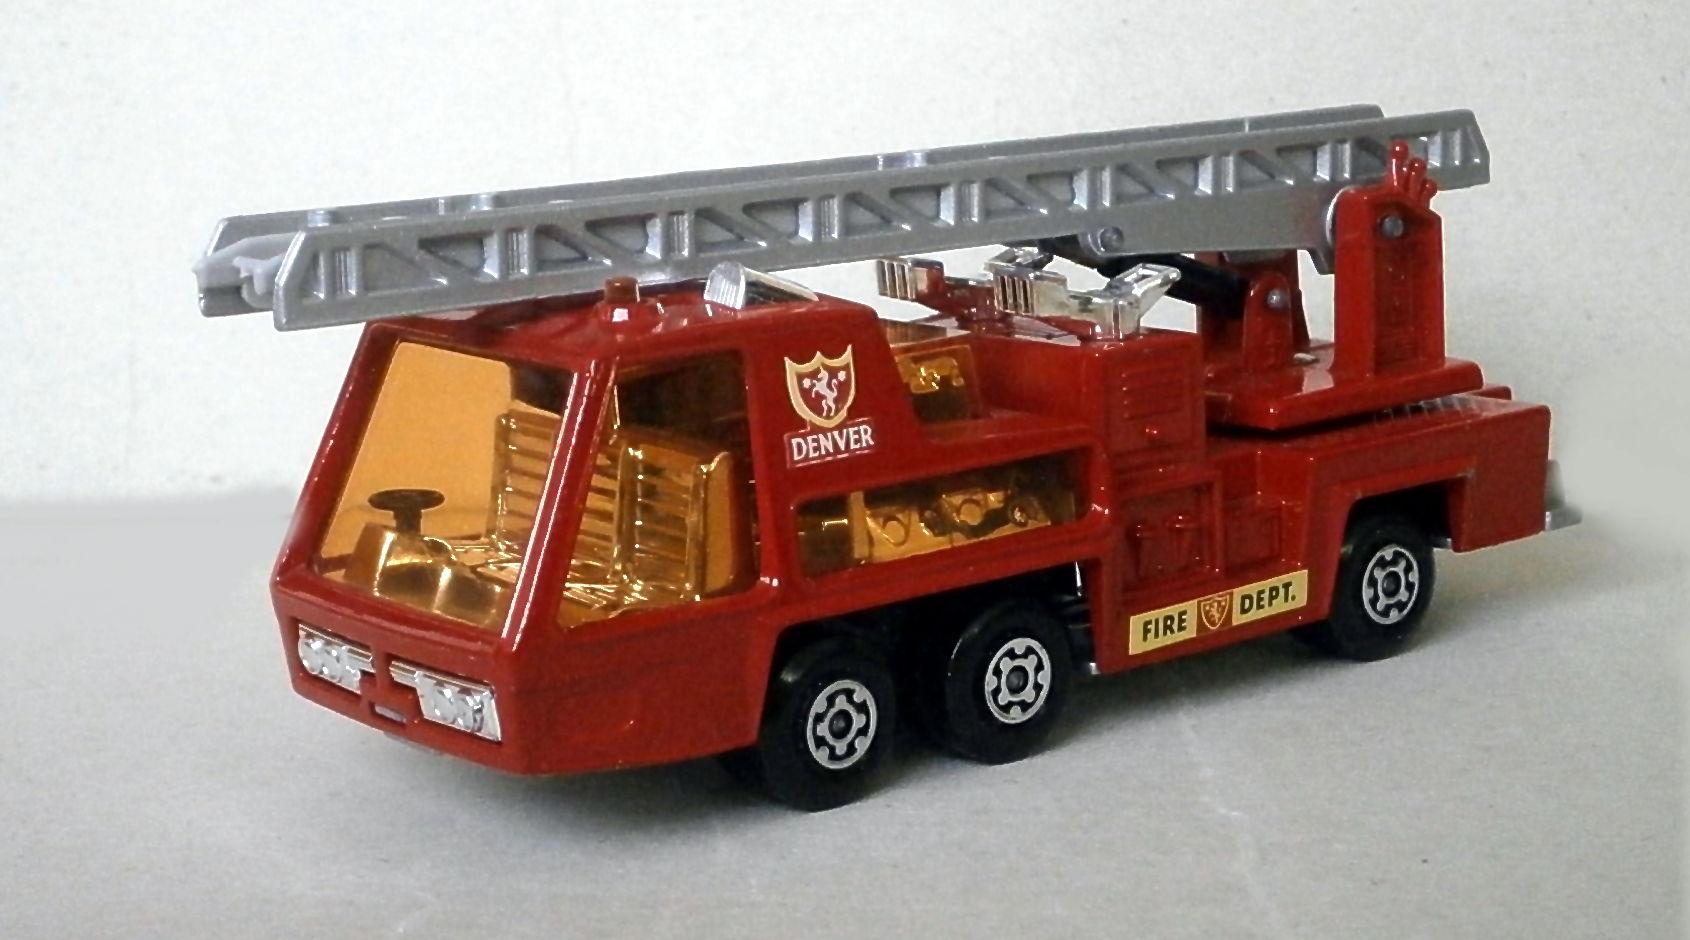 Fire Tender (K-9 DENVER).jpg